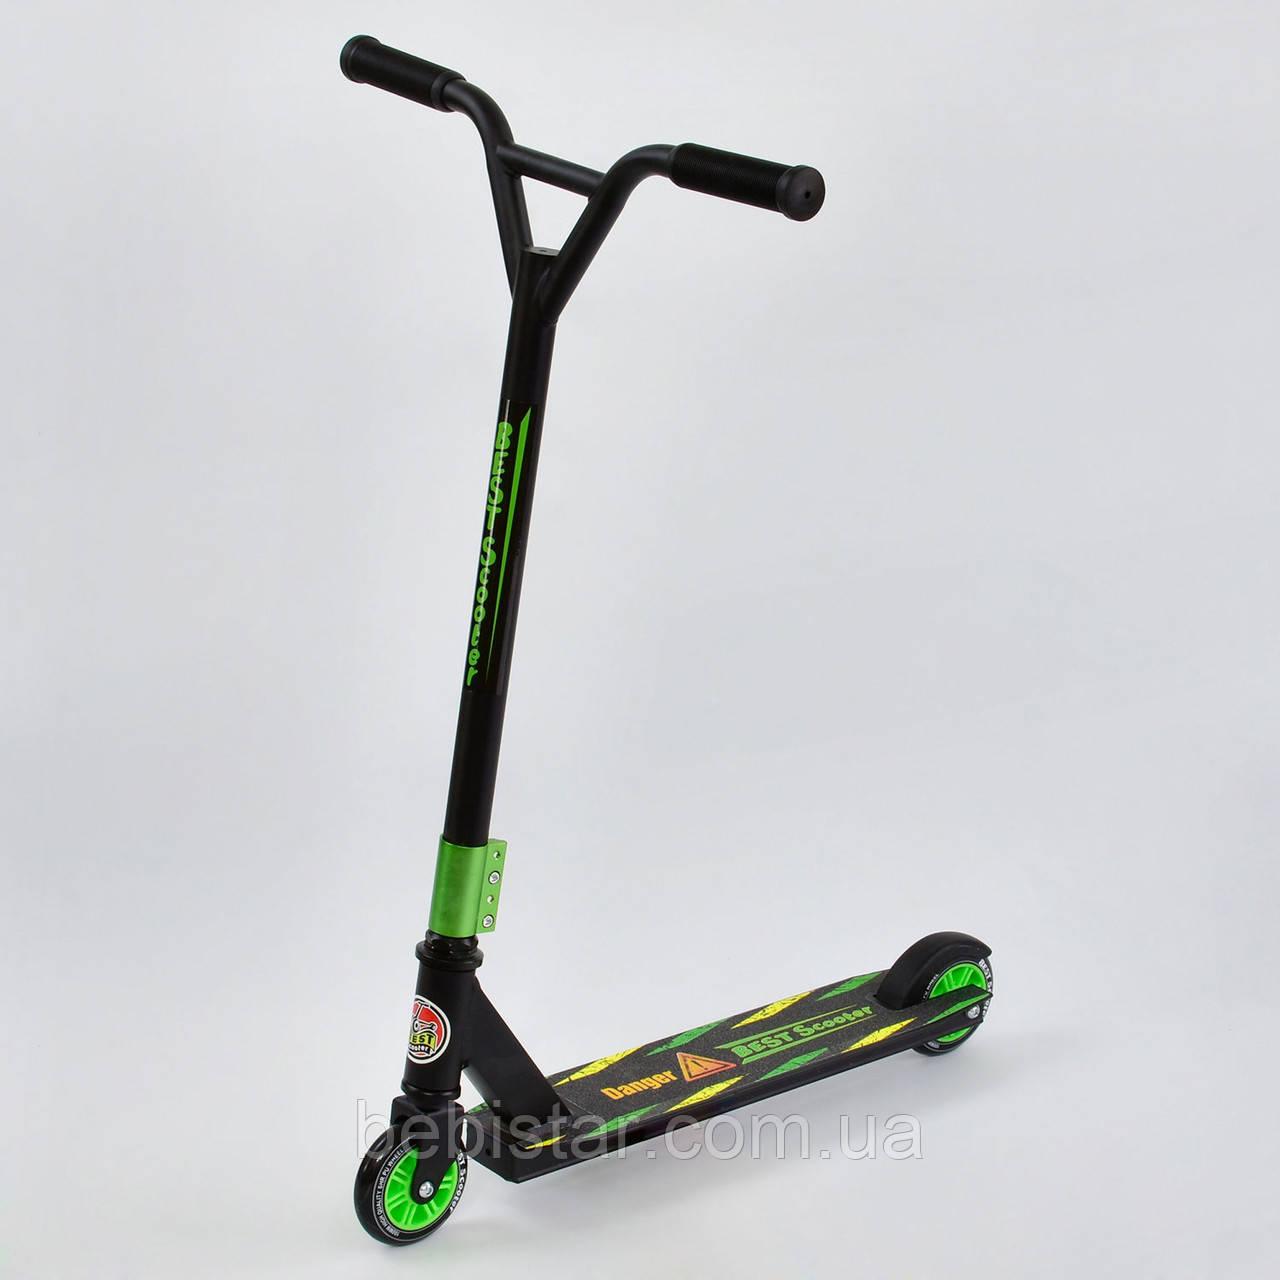 Самокат трюковий чорна рама зелені колеса Best Scooter